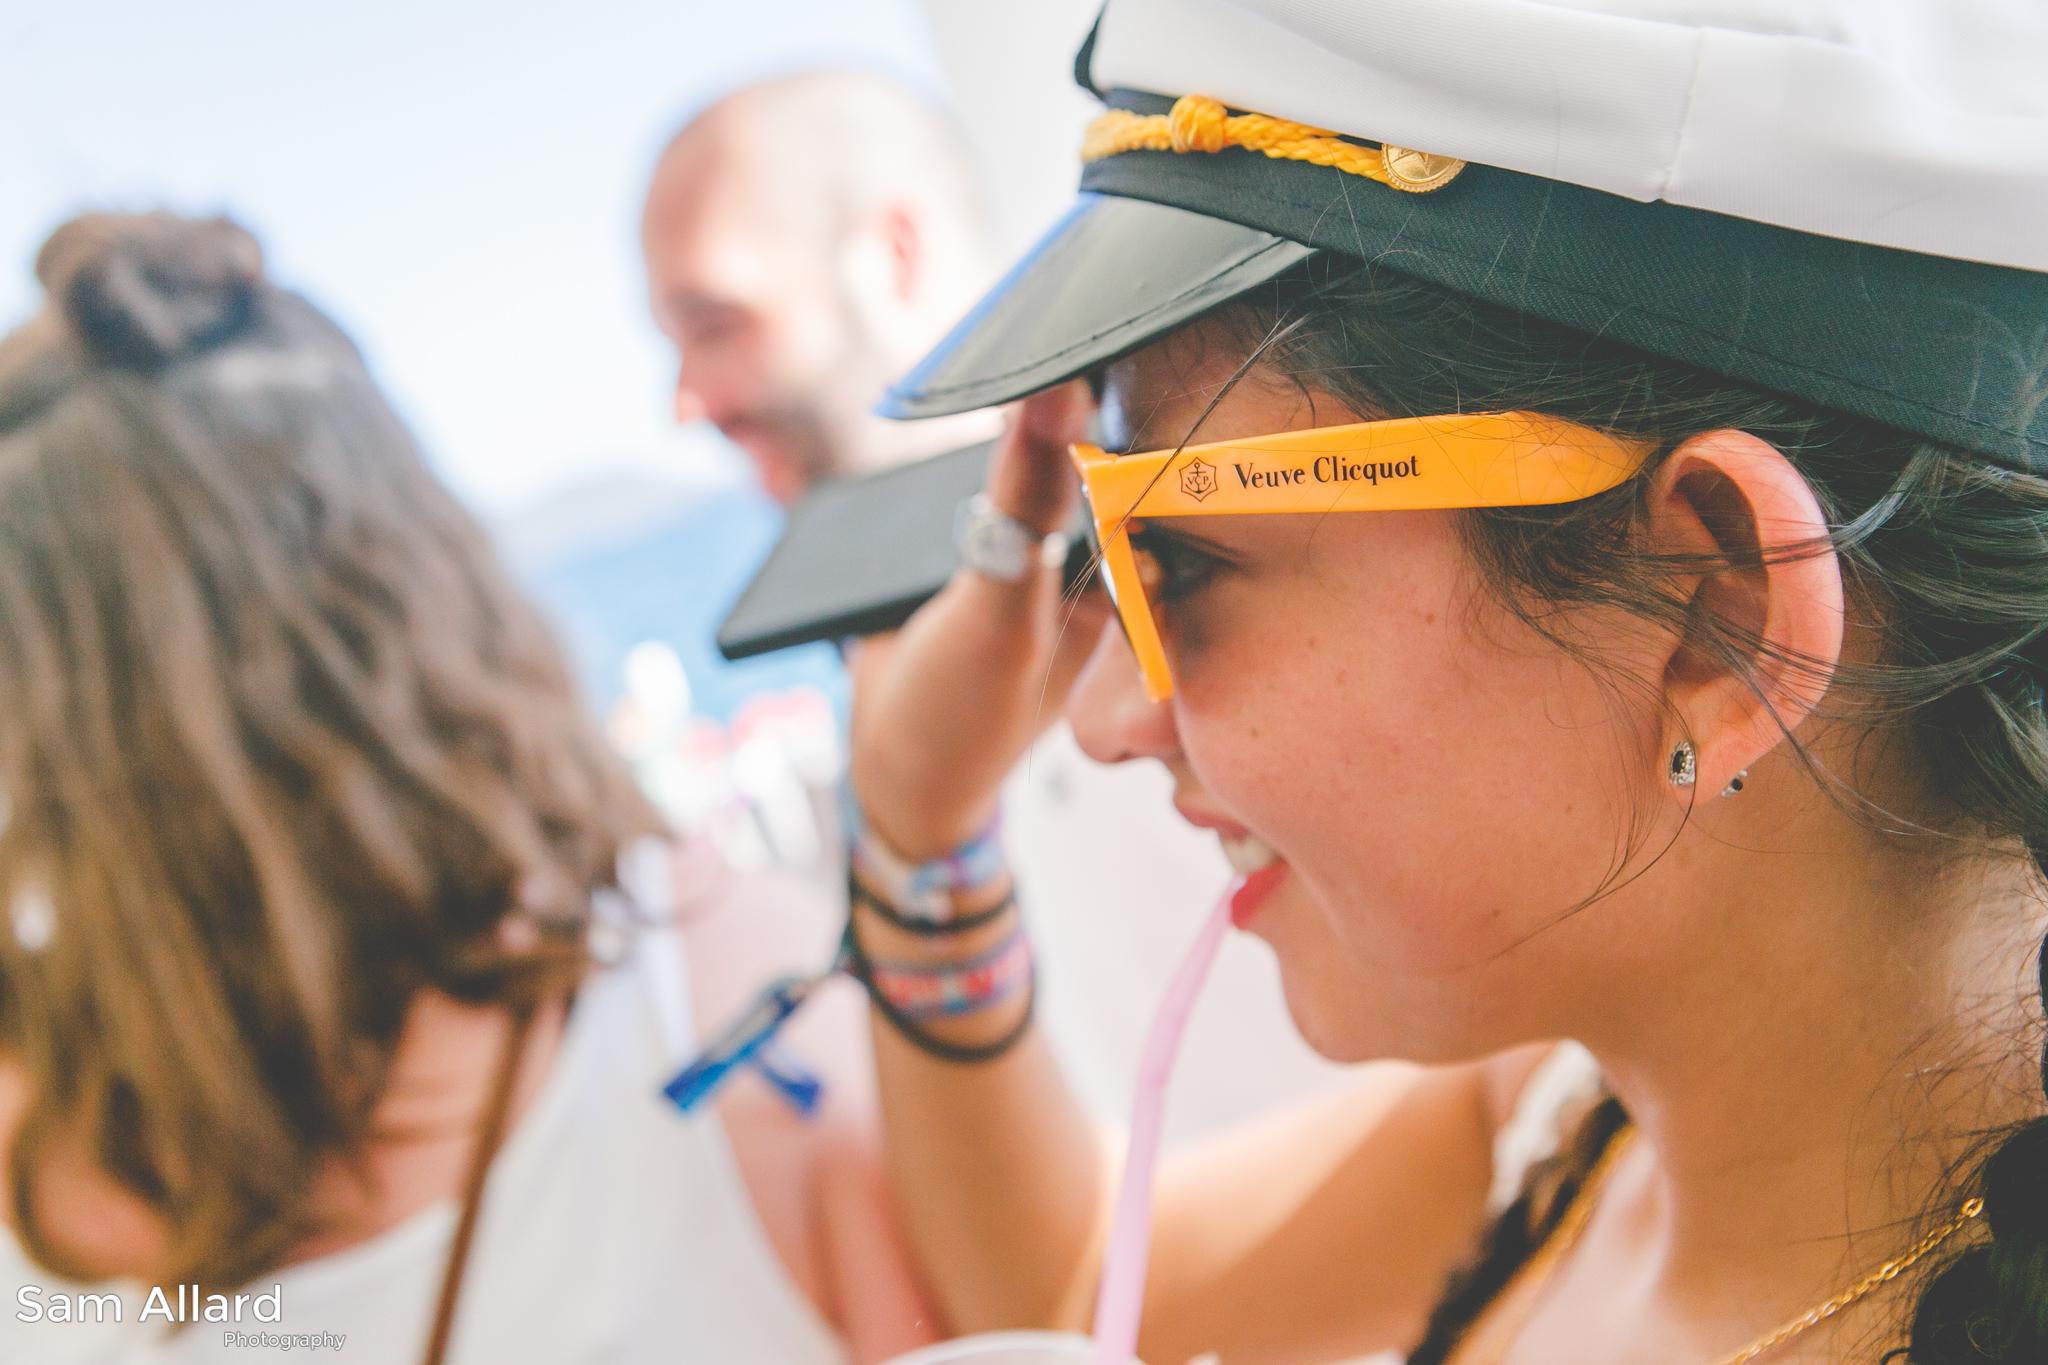 SamAllard_YachtWeek_Week33_314.jpg